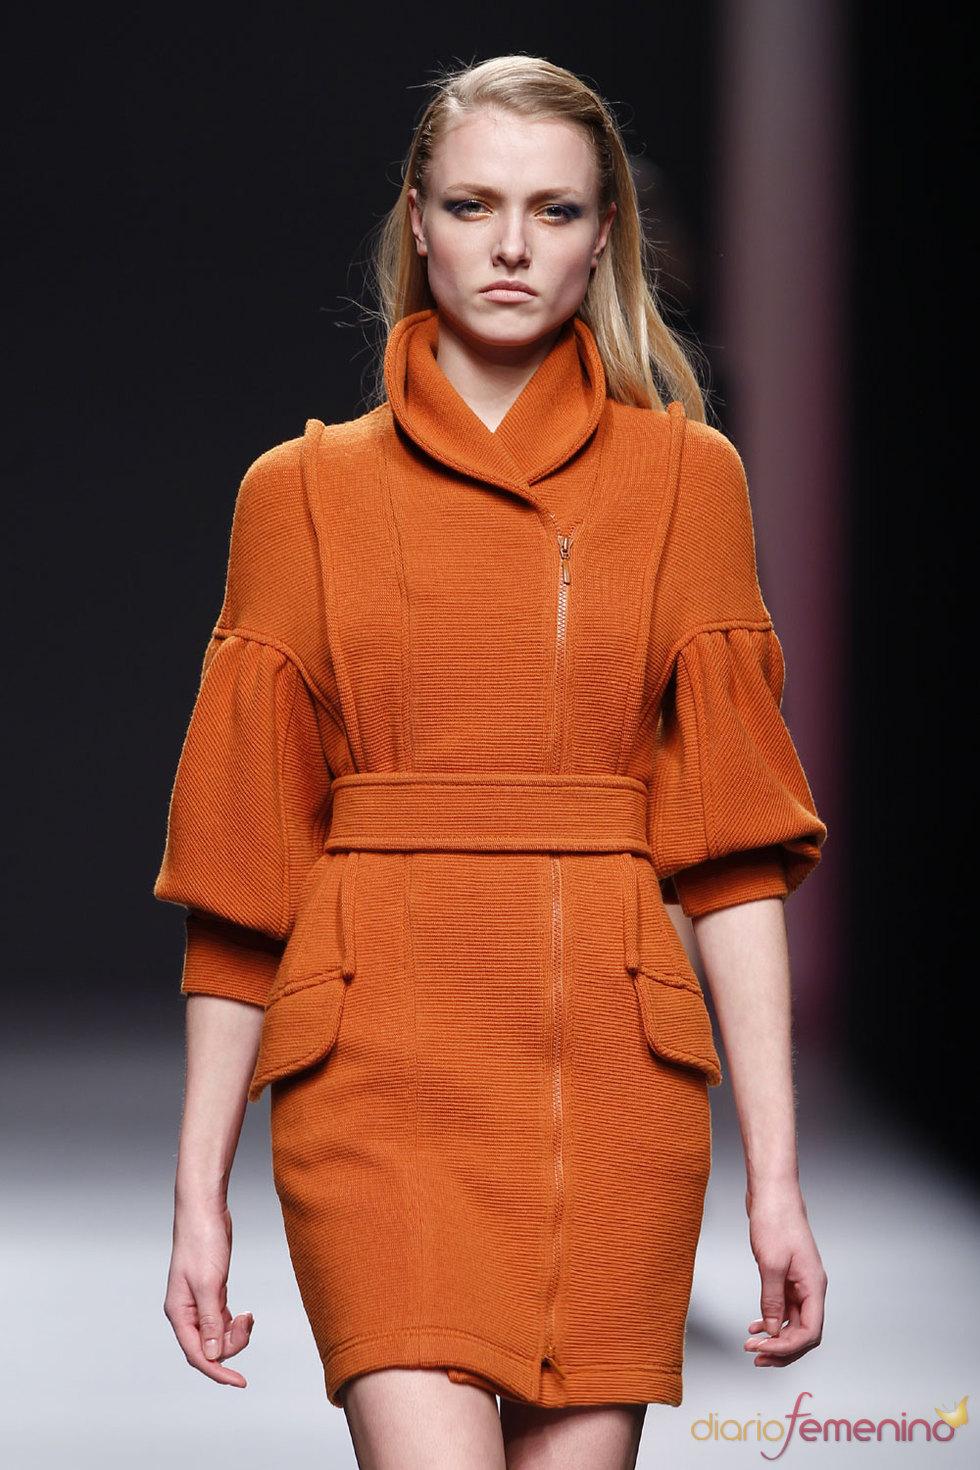 Vestido naranja butano de Miriam Ocáriz